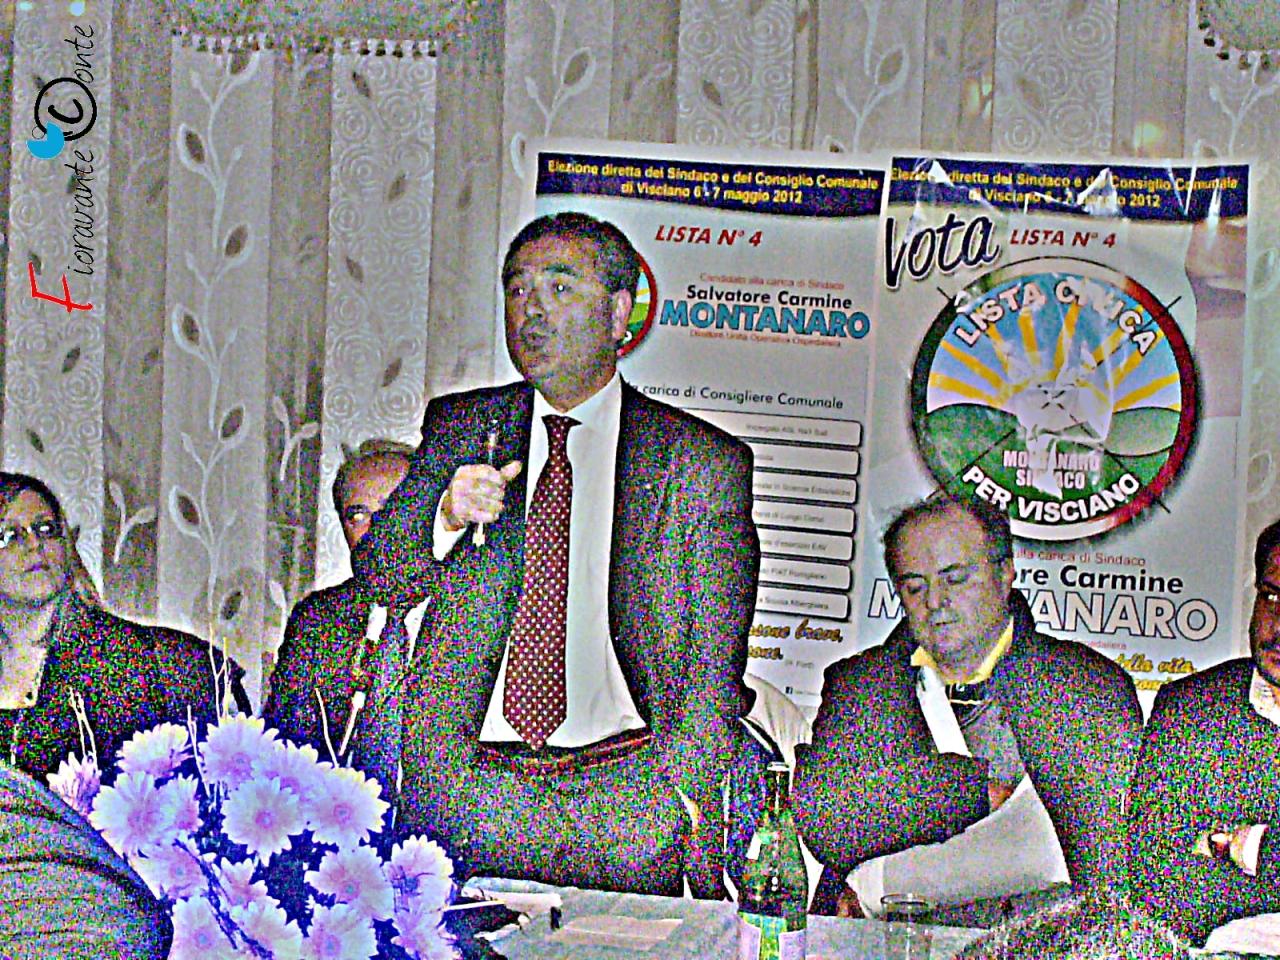 Visciano, Carmine Montanaro, elezioni 2012